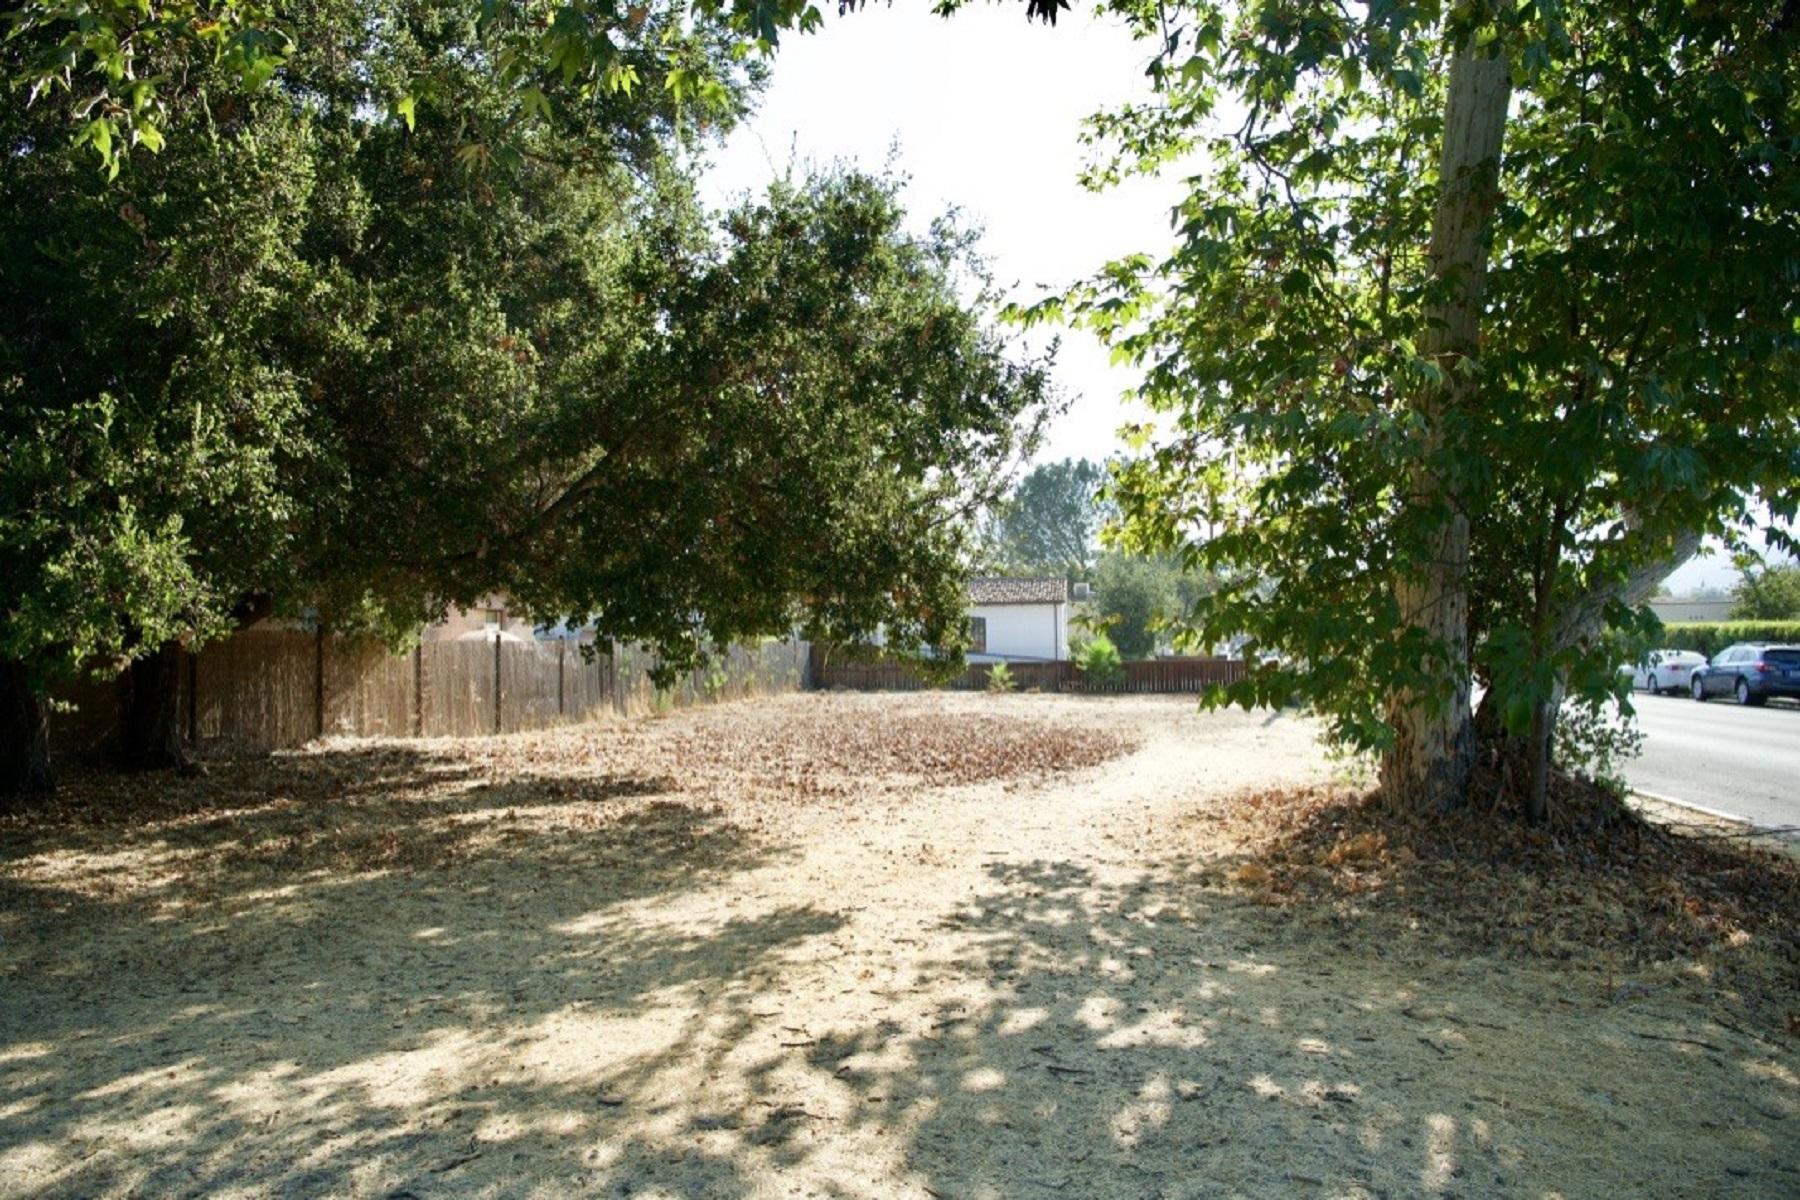 Terreno por un Venta en 202 North Ventura Street Ojai, California 93023 Estados Unidos